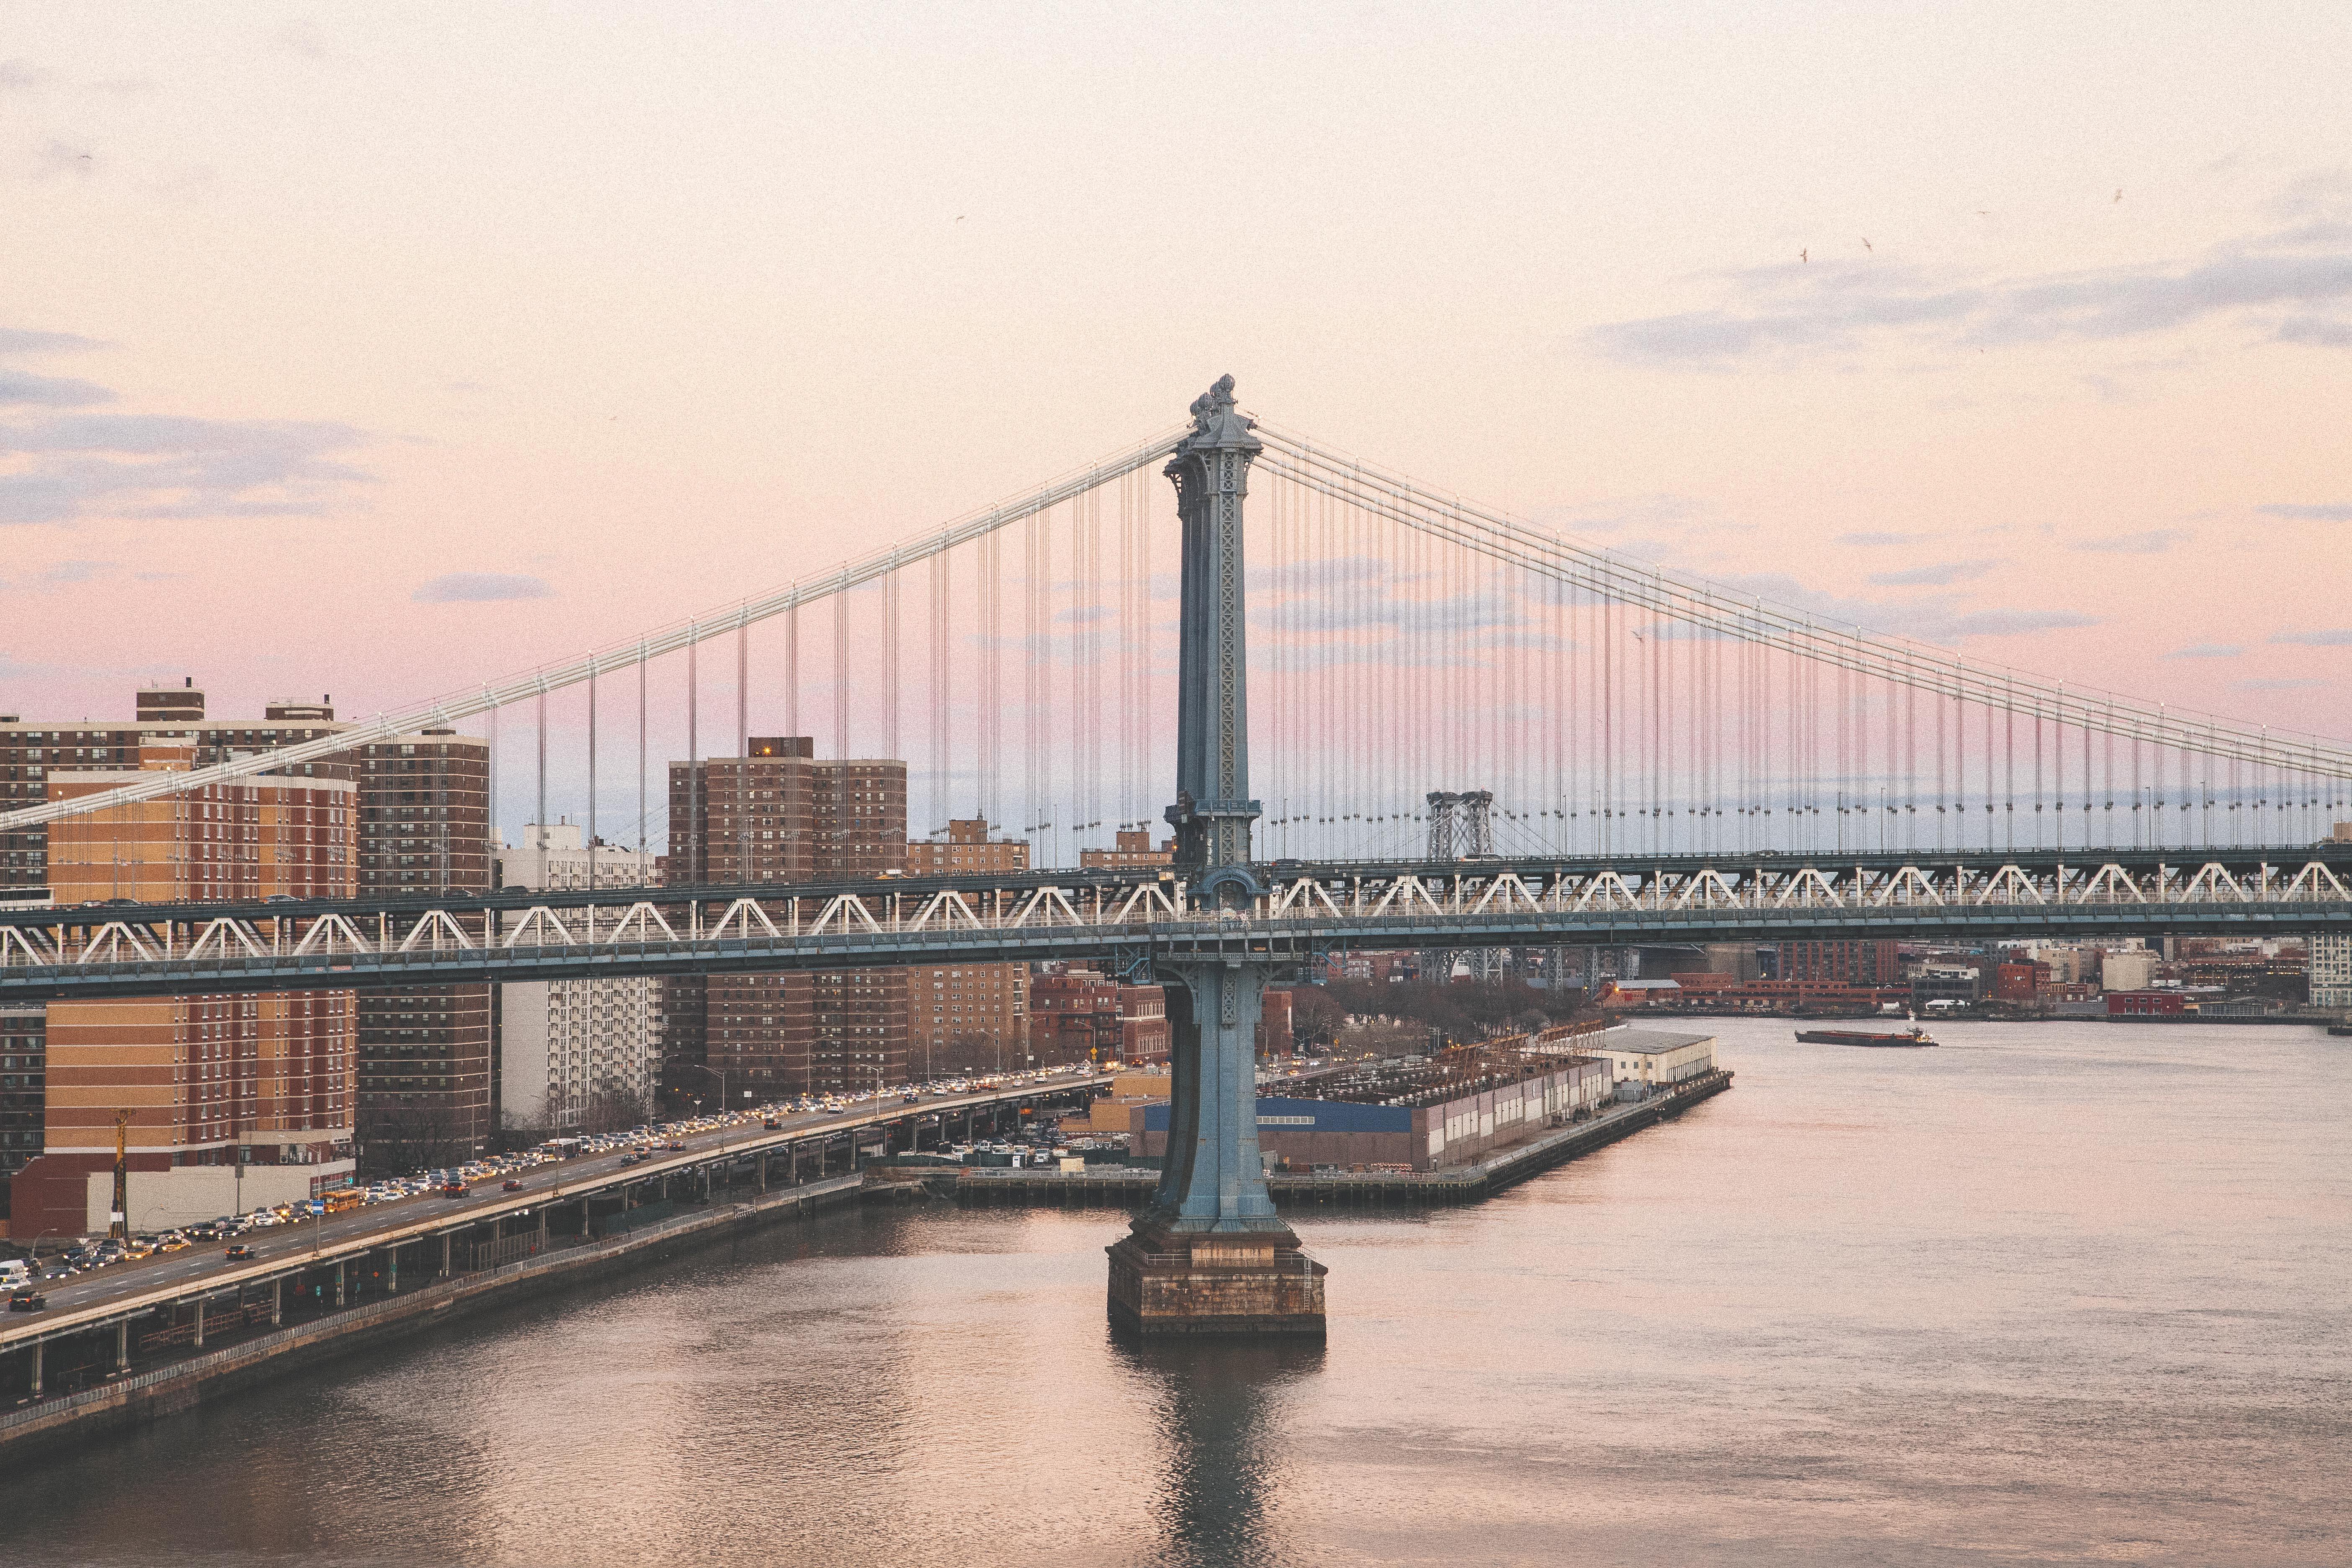 City life, Blue, Bridge, Building, City, HQ Photo